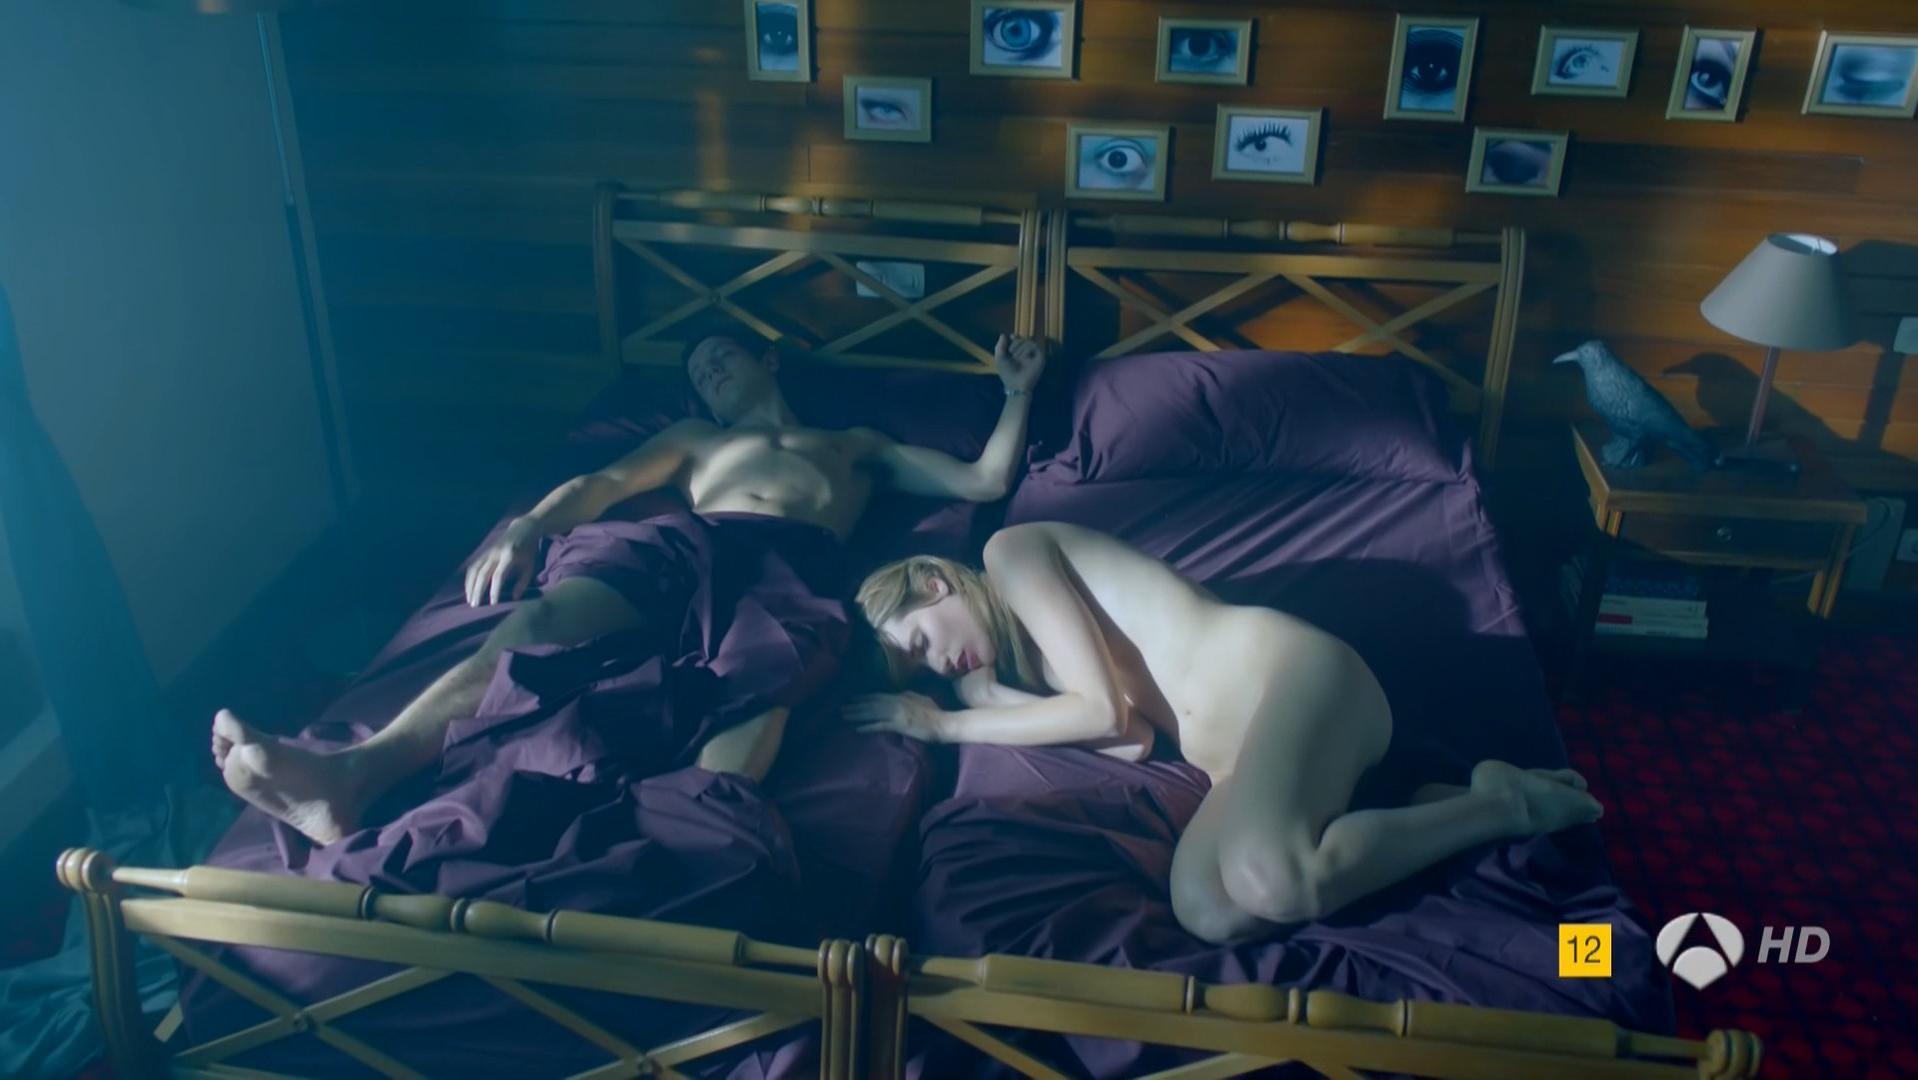 Aitana Hercal nude - Cuentame un cuento s01e04 (2014)